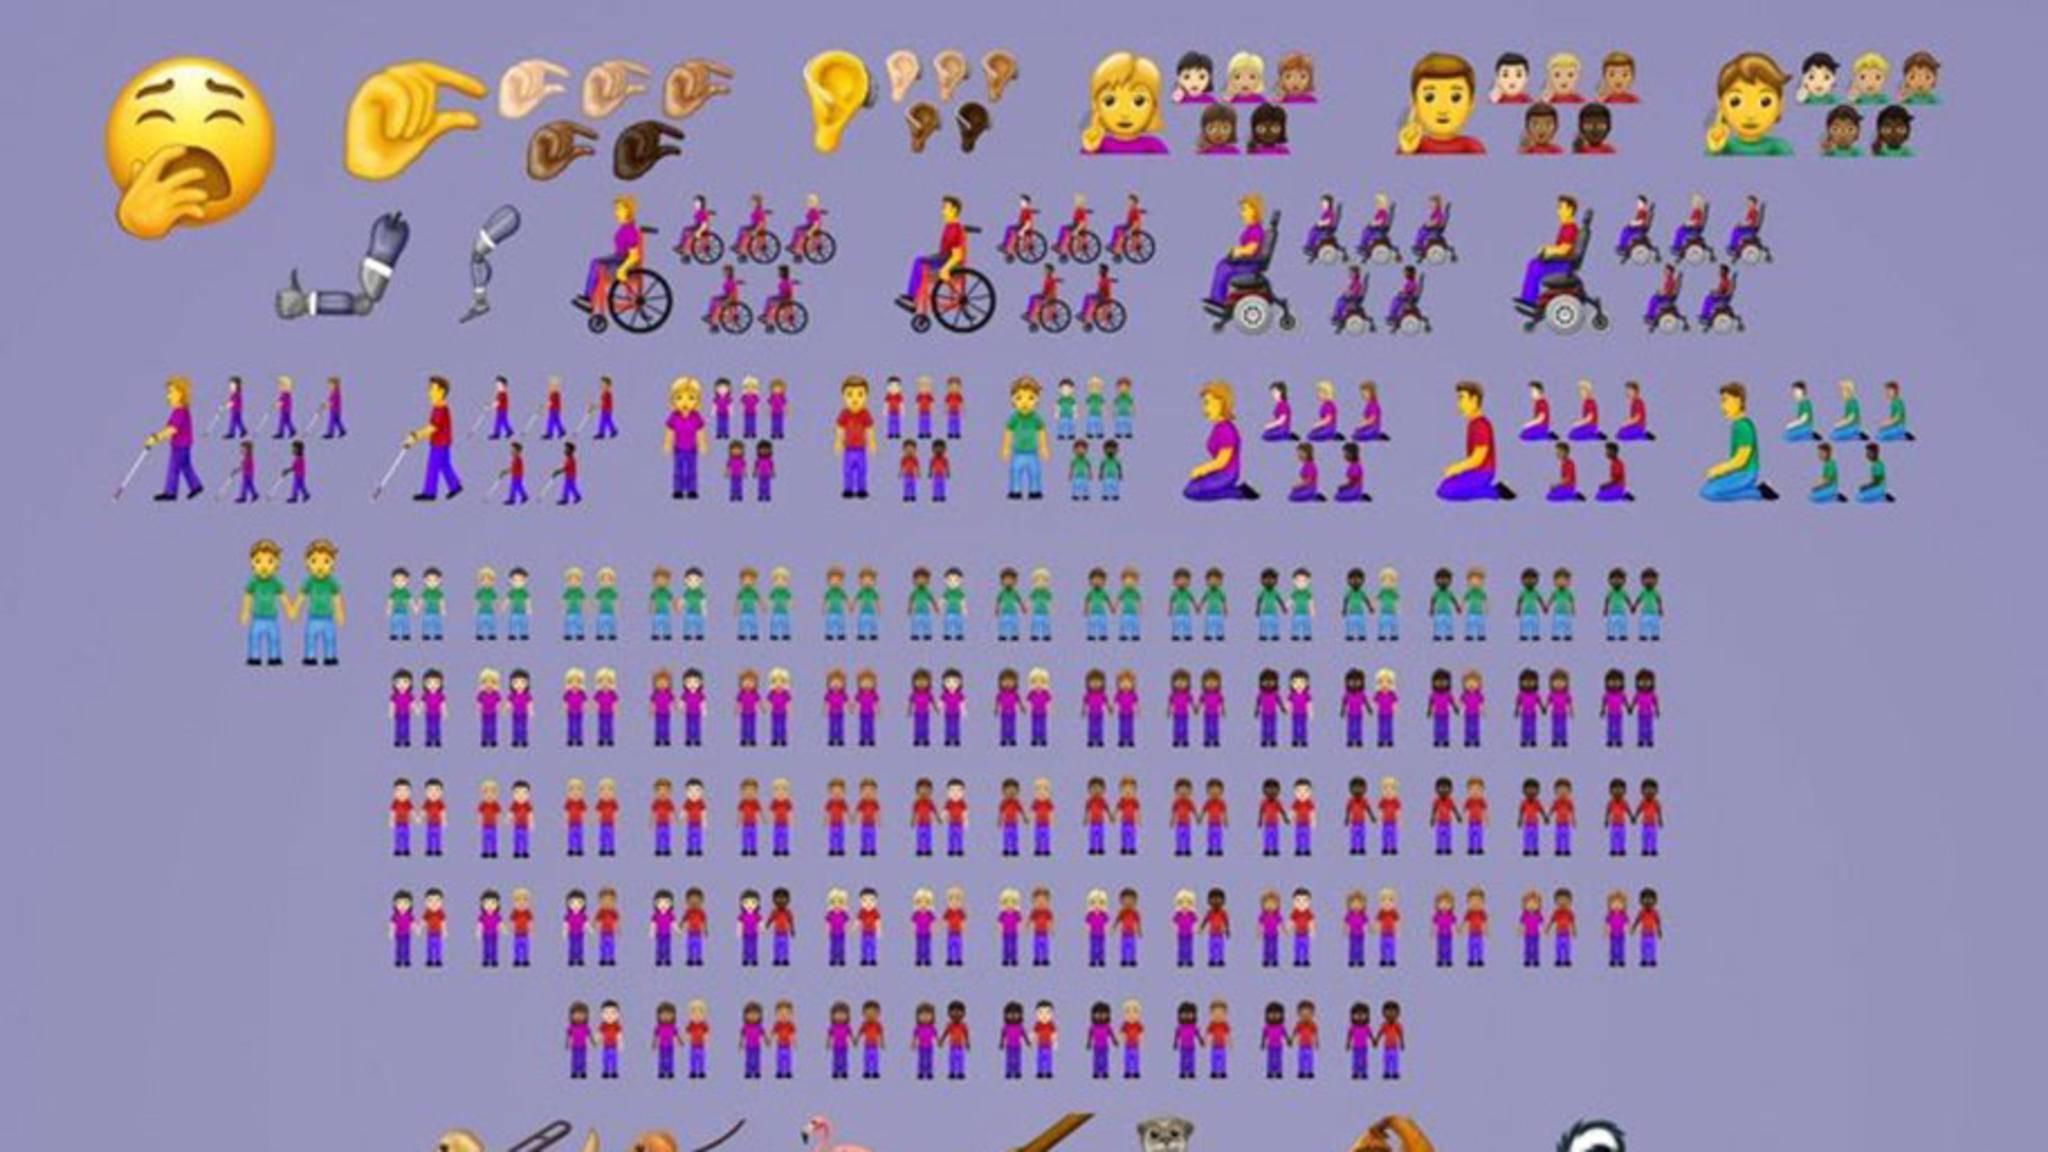 Inklusive aller Variationen wurden 230 neue Emojis vorgestellt.